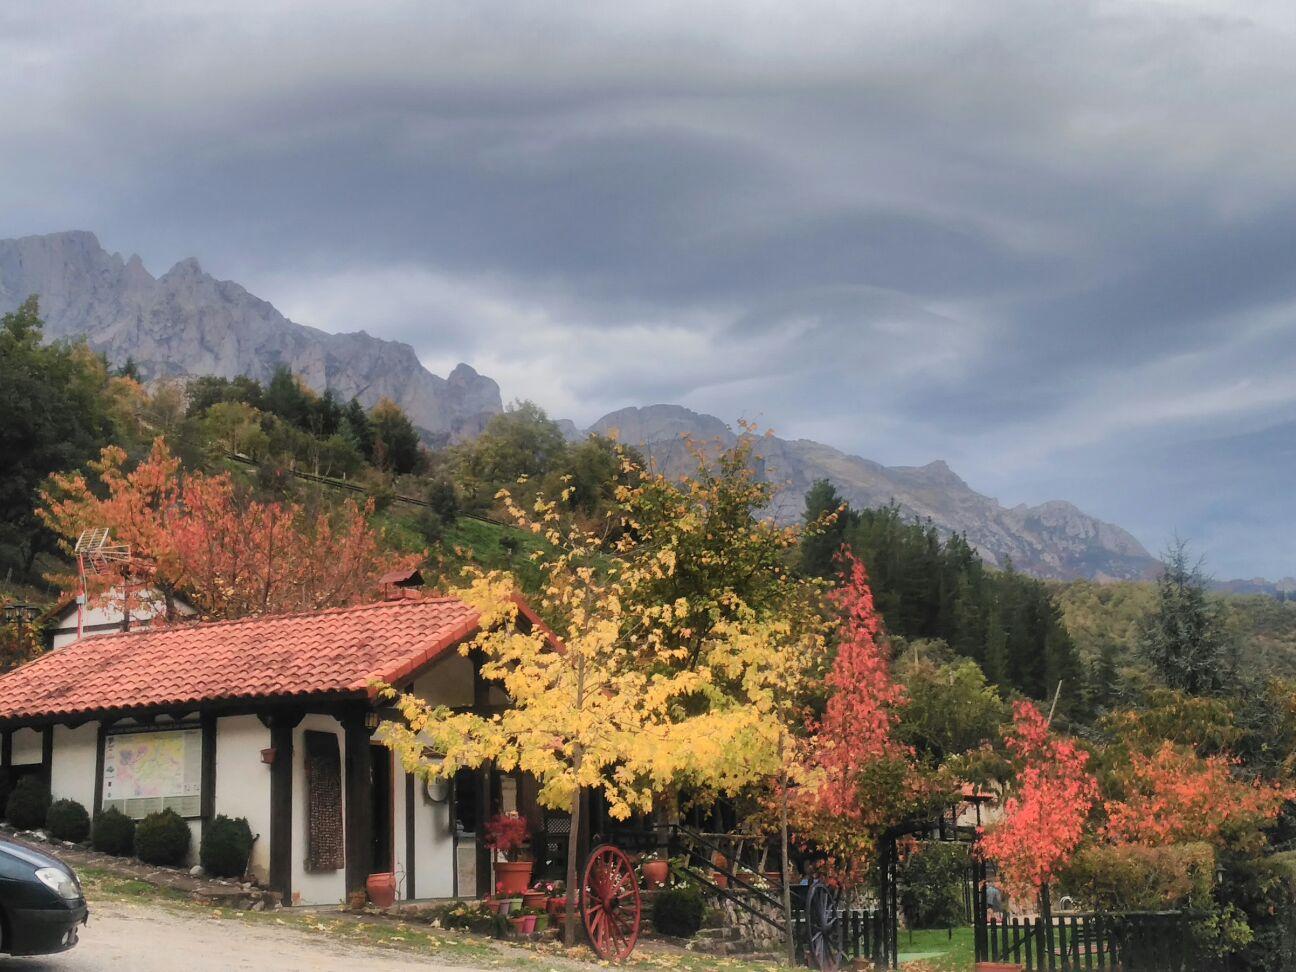 Zona de recepción en otoño